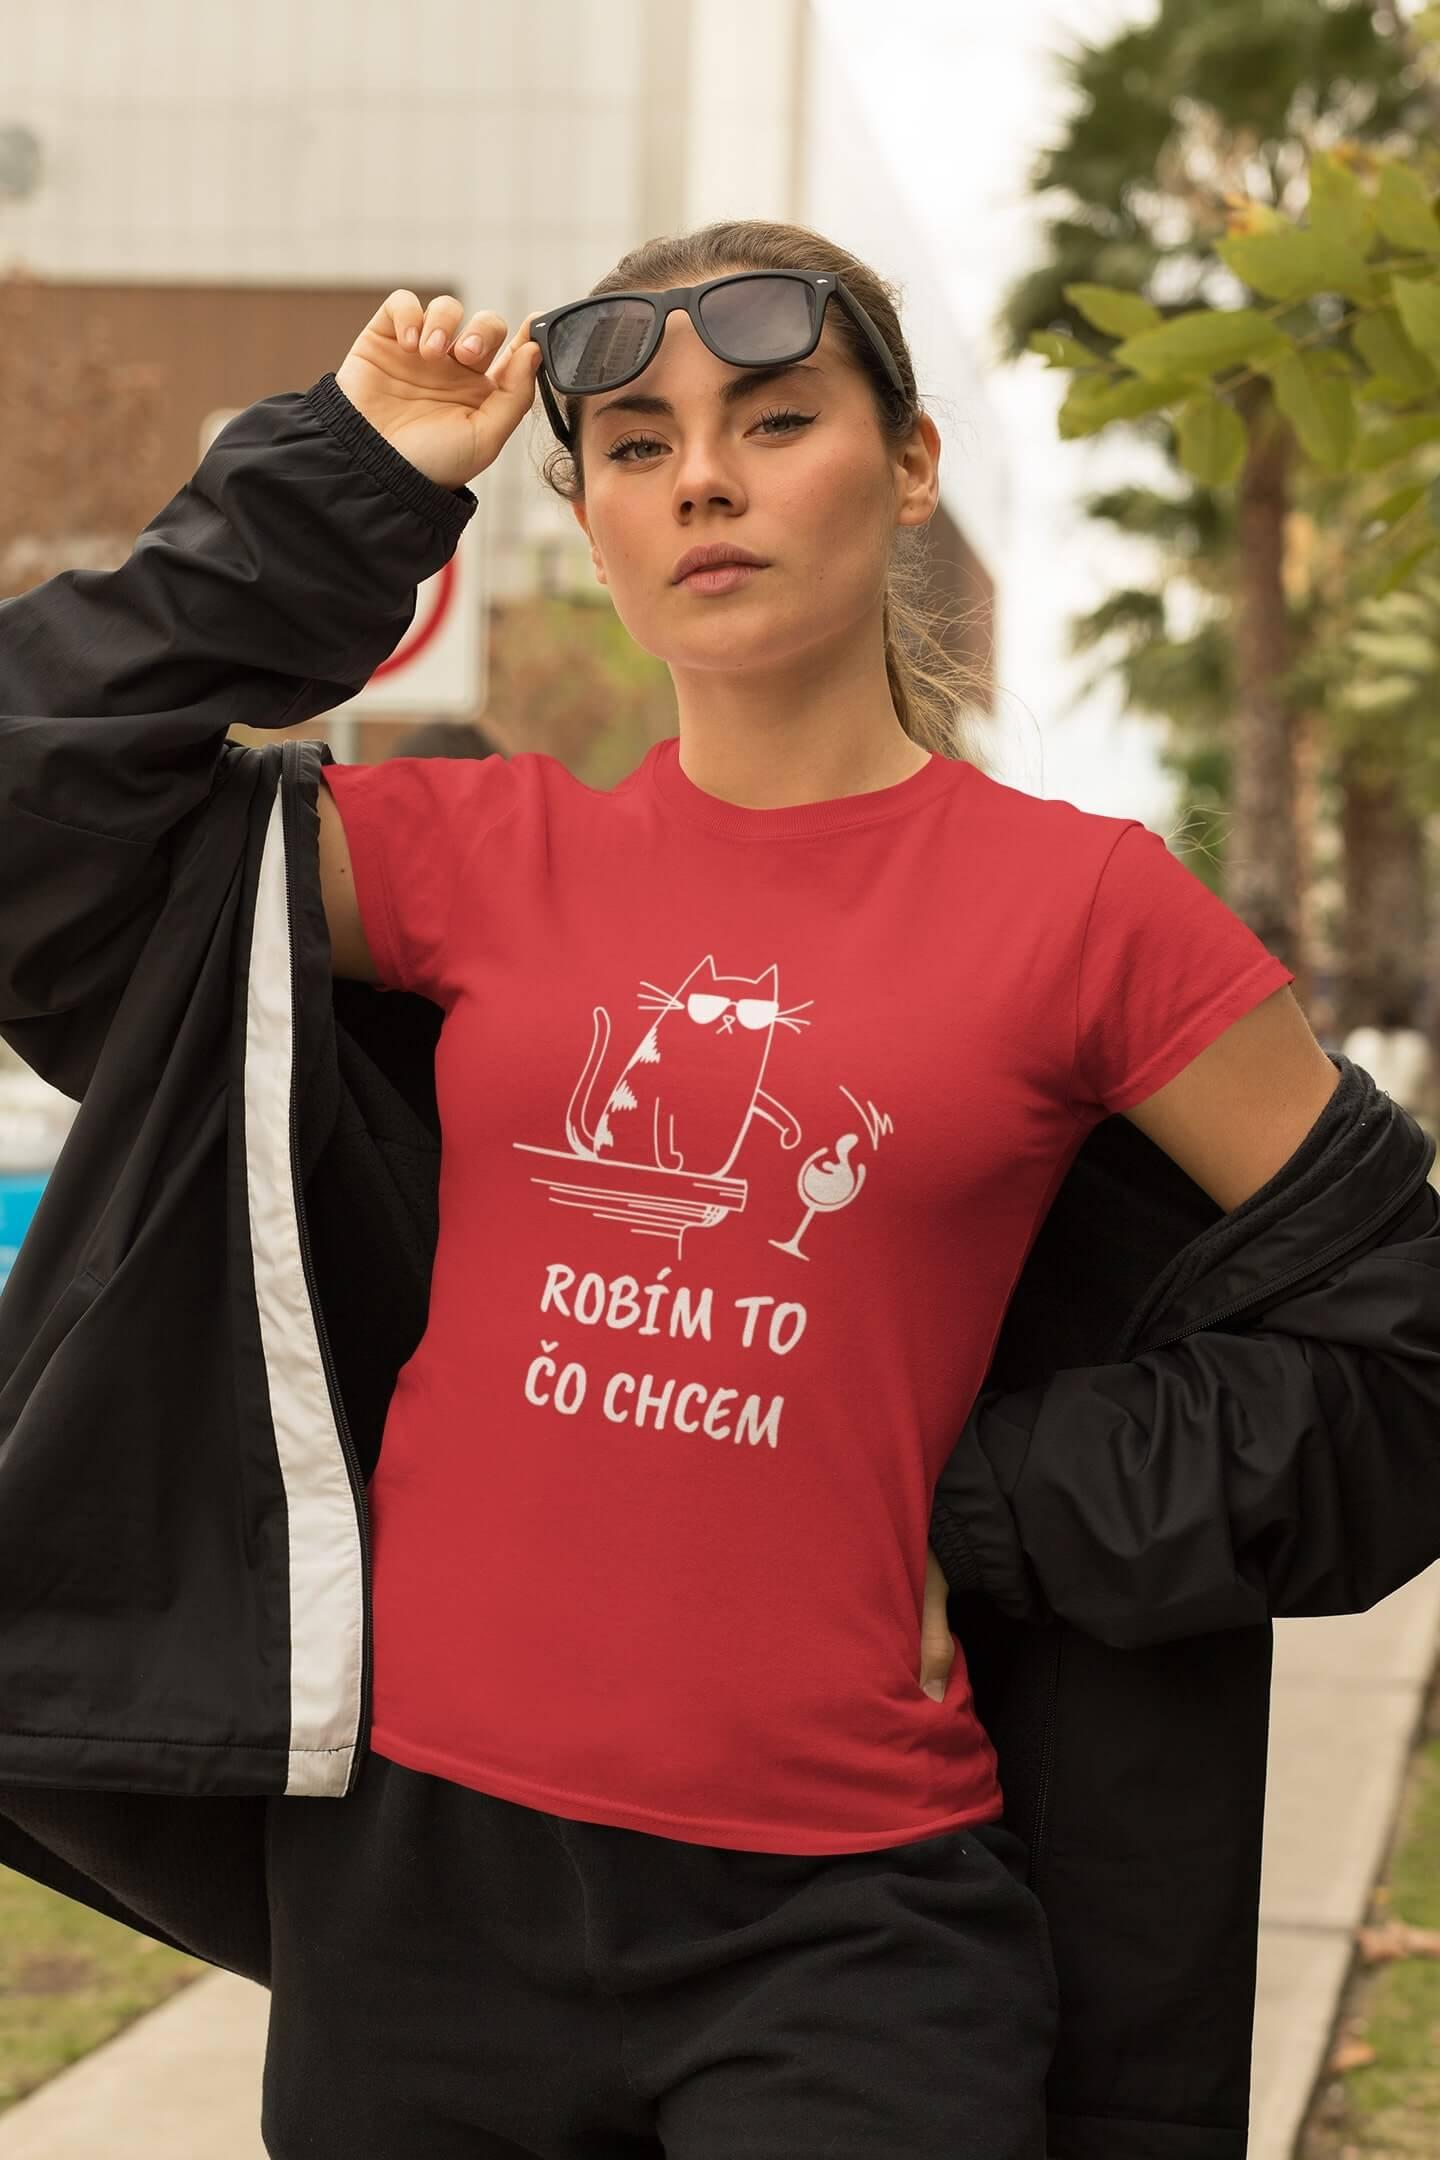 MMO Dámske tričko Robím to čo chcem víno Vyberte farbu:: Červená, Dámska veľkosť: XS